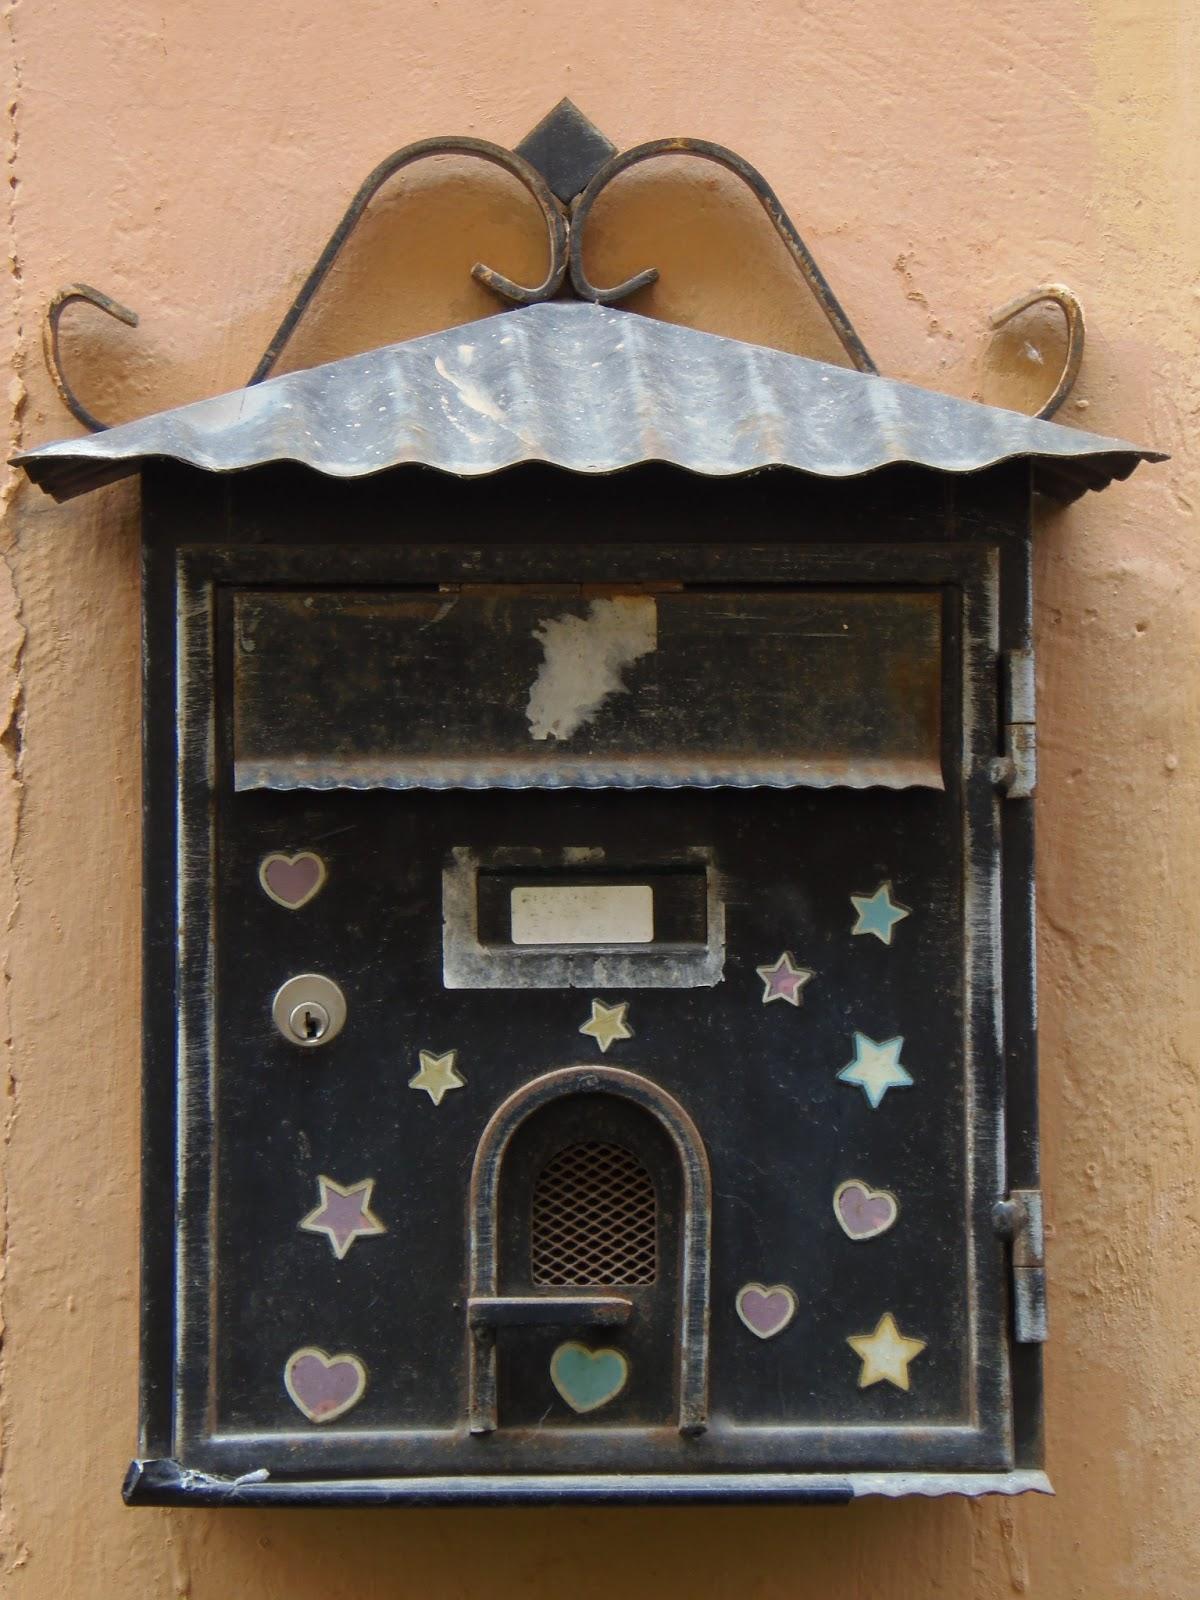 Buzones de correos en barcelona stunning buzones de correos en madrid buzones de correos en - Buzones ortega ...